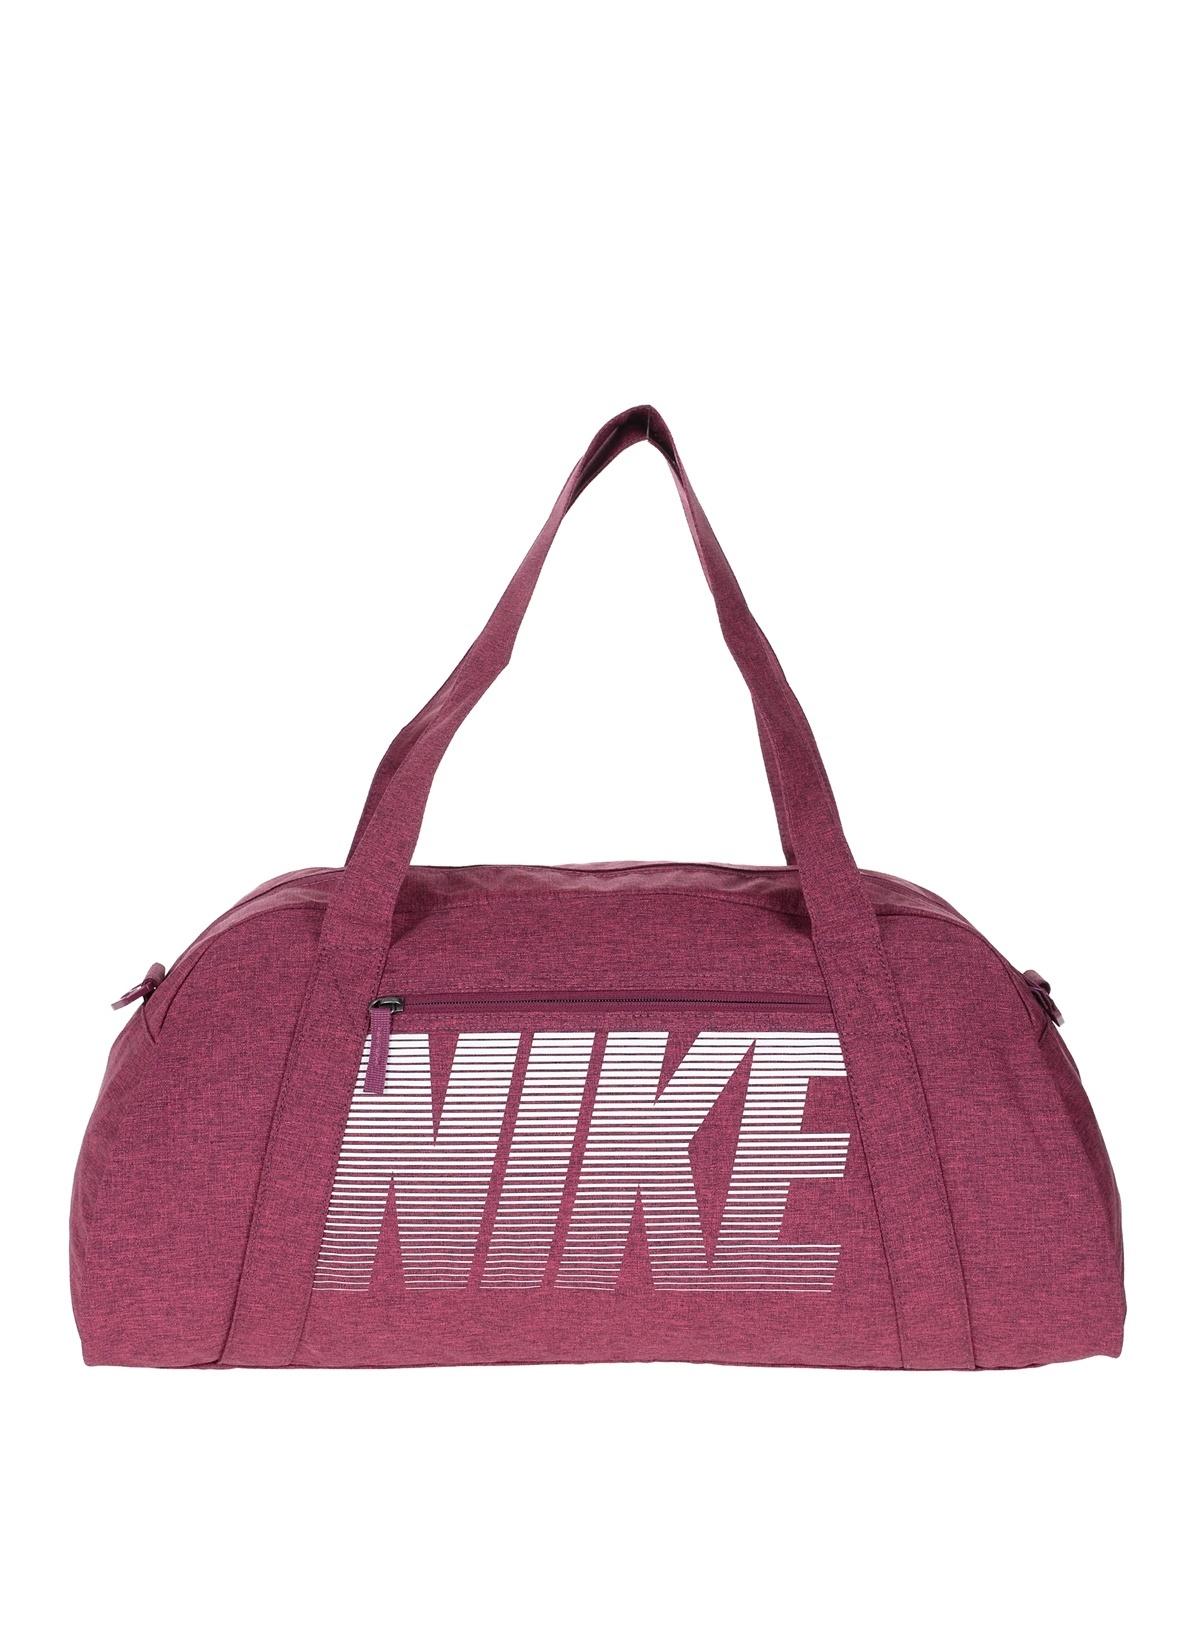 3f5a5ca402063 Nike Kadın Spor Çantası Rush Pink/Rush Pink/White | Morhipo | 19587864